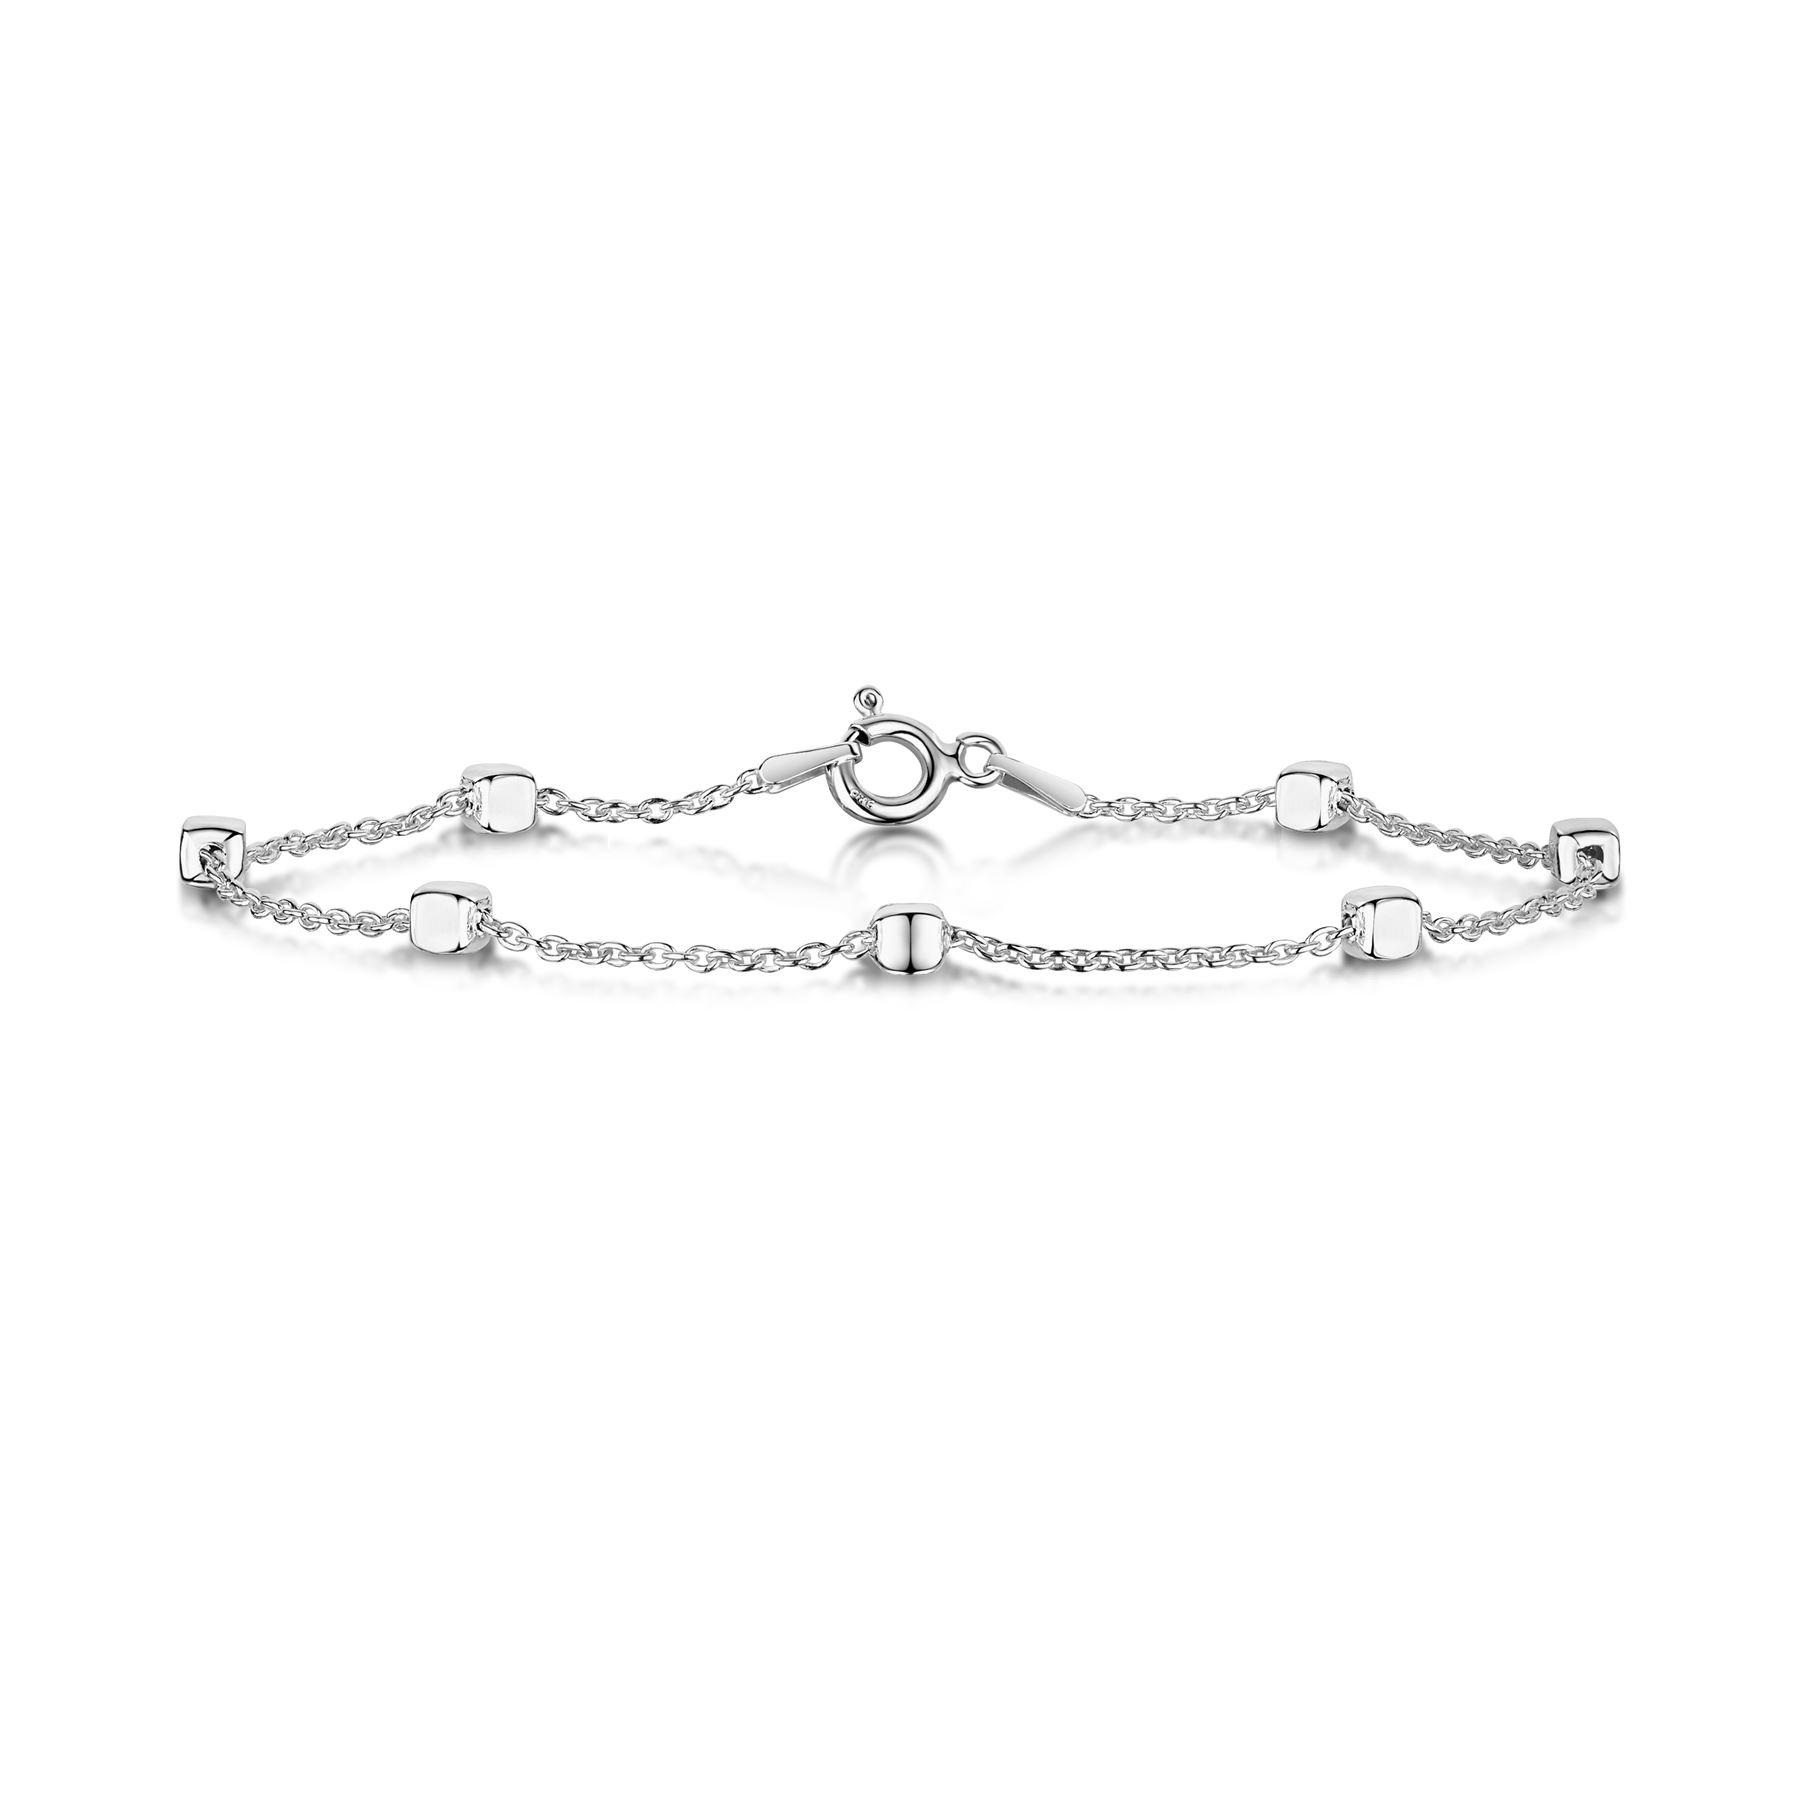 Amberta-Bijoux-Bracelet-en-Vrai-Argent-Sterling-925-Chaine-pour-Femme-a-la-Mode thumbnail 14